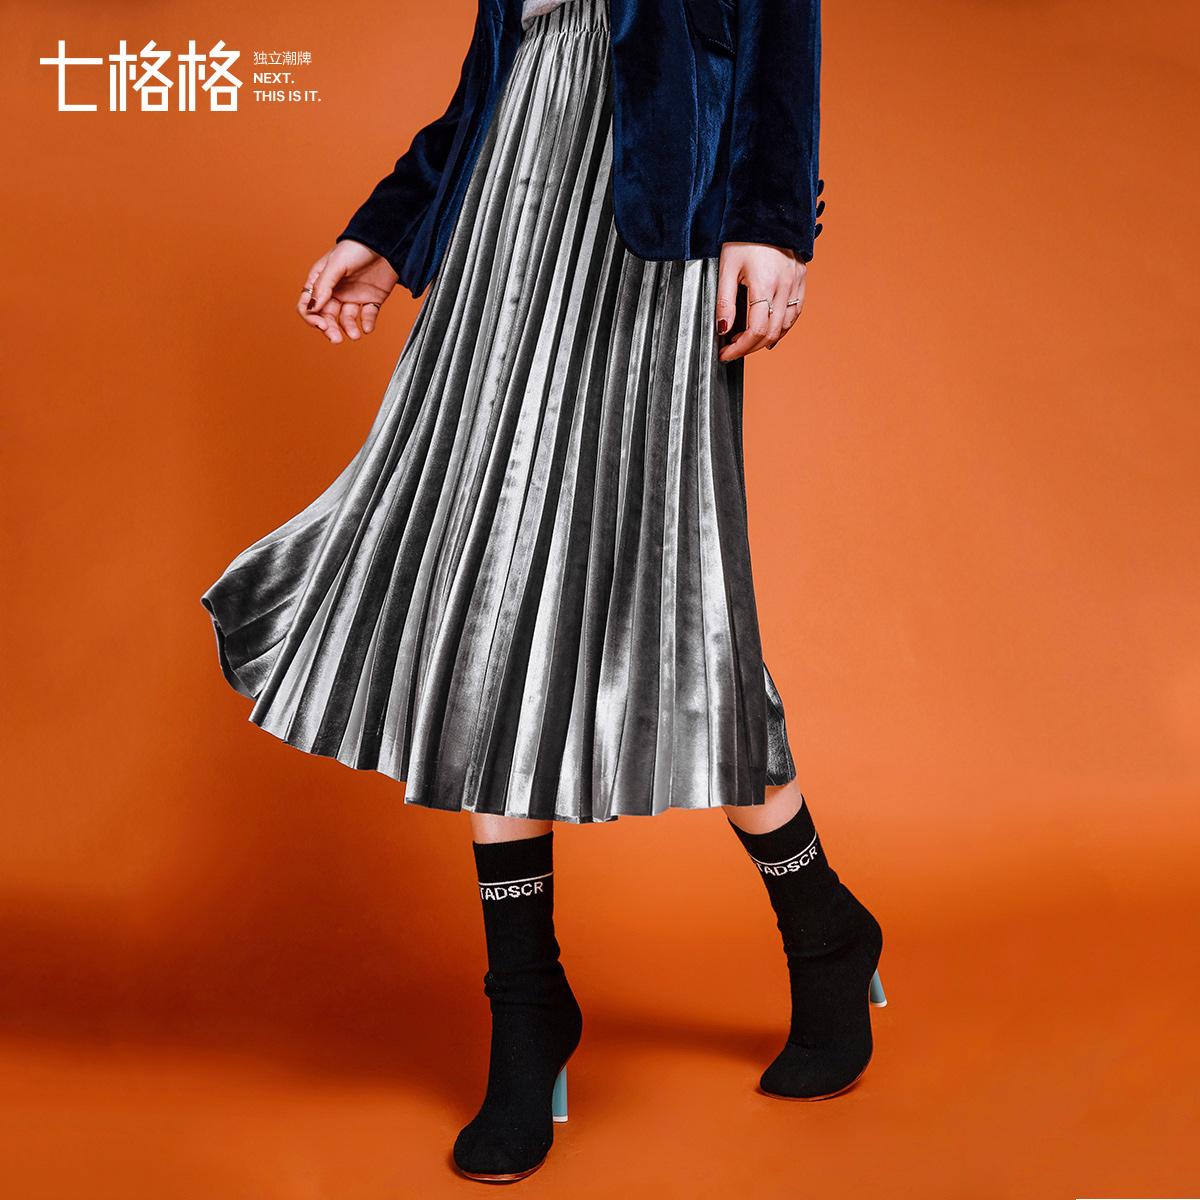 七格格2017春装新款 时尚复古高腰显瘦纯色丝绒百褶半身裙 女X890